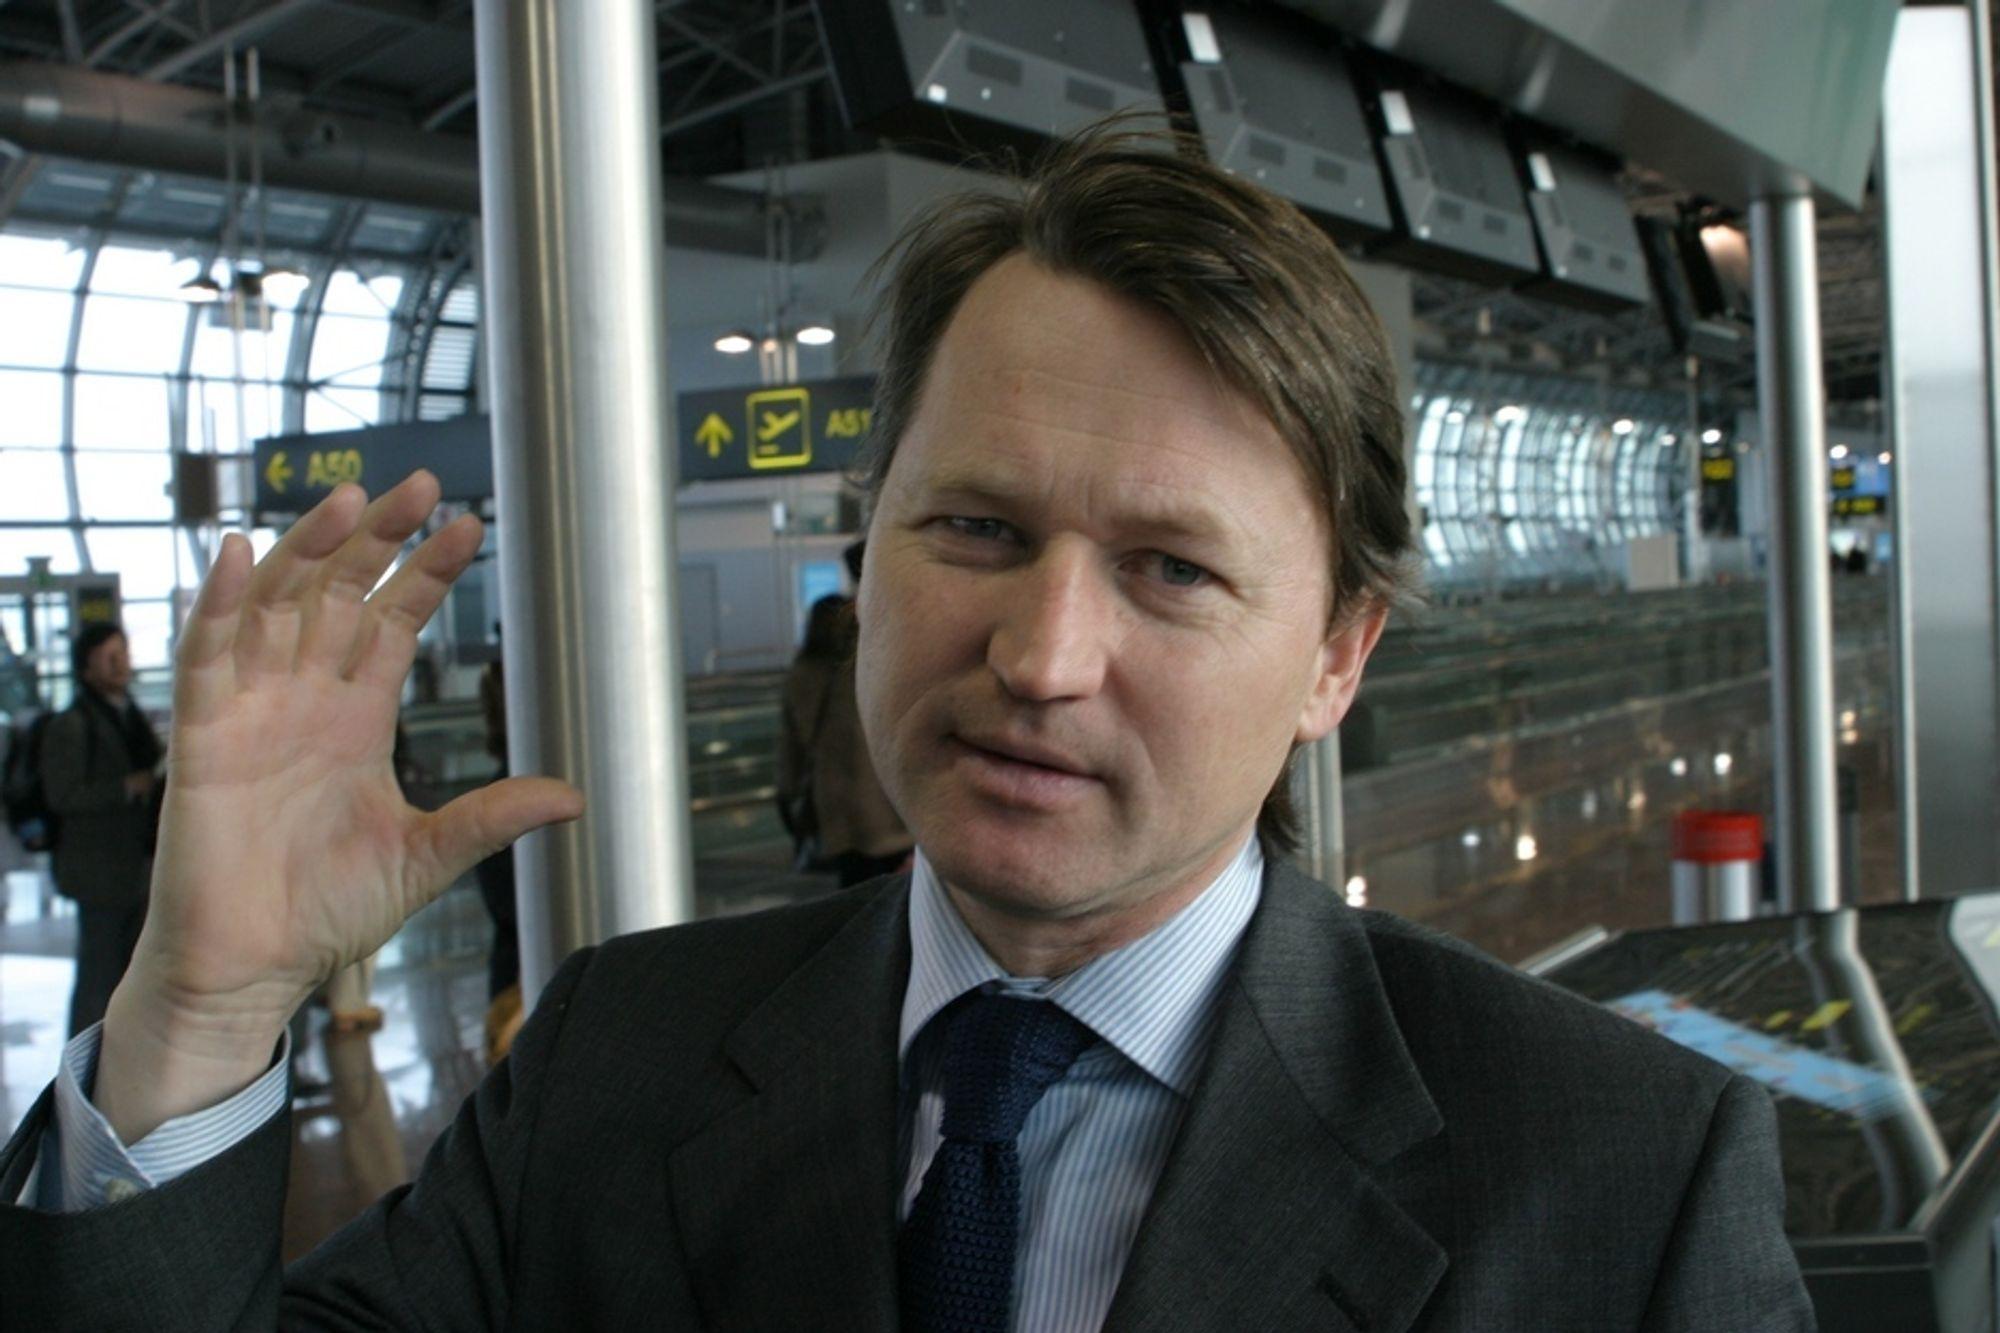 TALL PÅ BORDET: Norge skal ha lagt konkrete tall på bordet i fornybarforhandlingene, men Bellonas mann i Brussel, Paal Frisvold, vet ikke hva tallet er, og beskylder regjeringen for hemmelighetskremmeri.